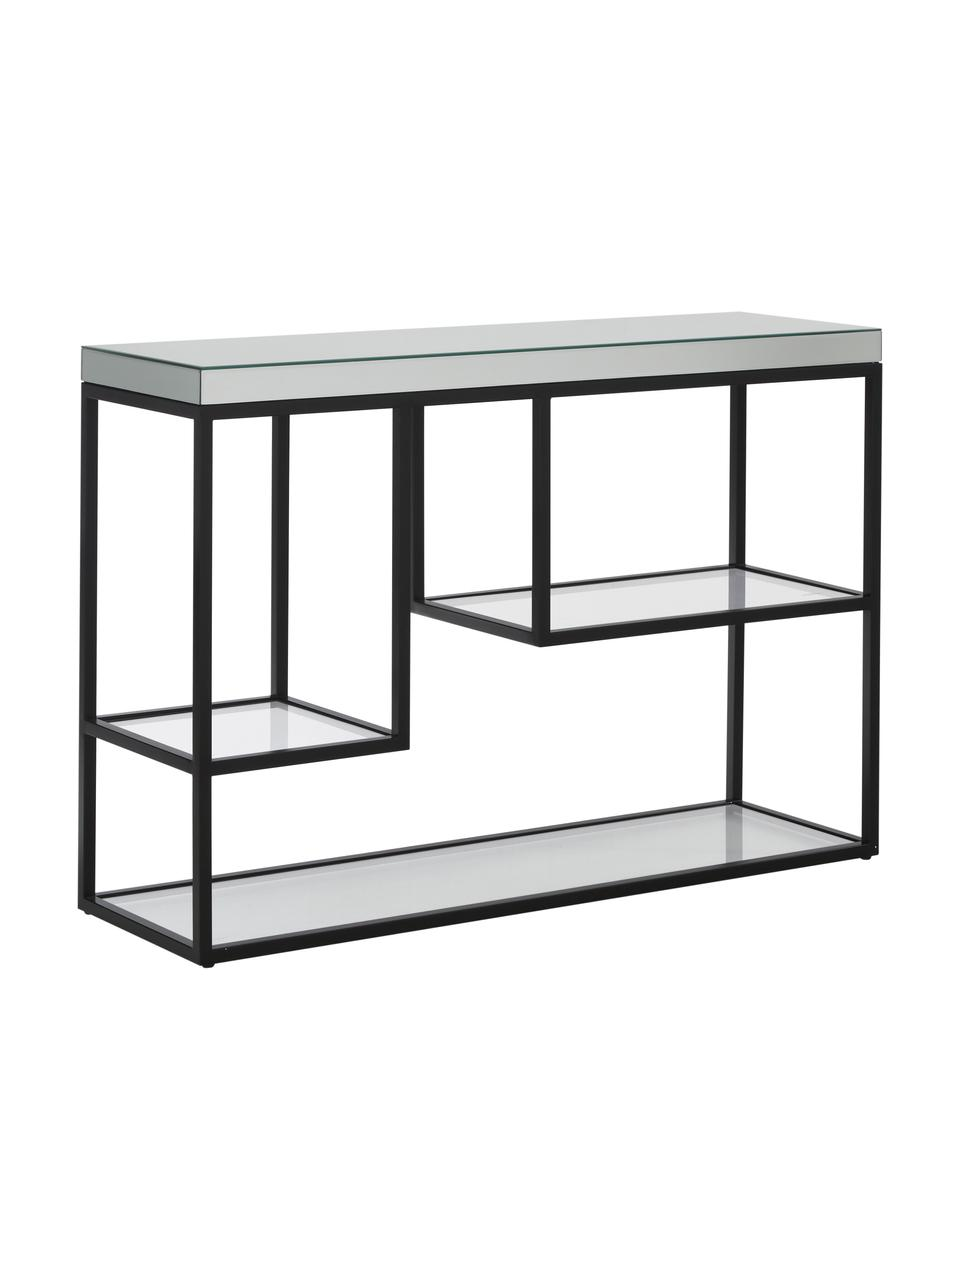 Konsole Pippard mit Glasplatten, Gestell: Metall, lackiert, Ablagefläche: Spiegelglas, Schwarz, Transparent, B 120 x T 36 cm